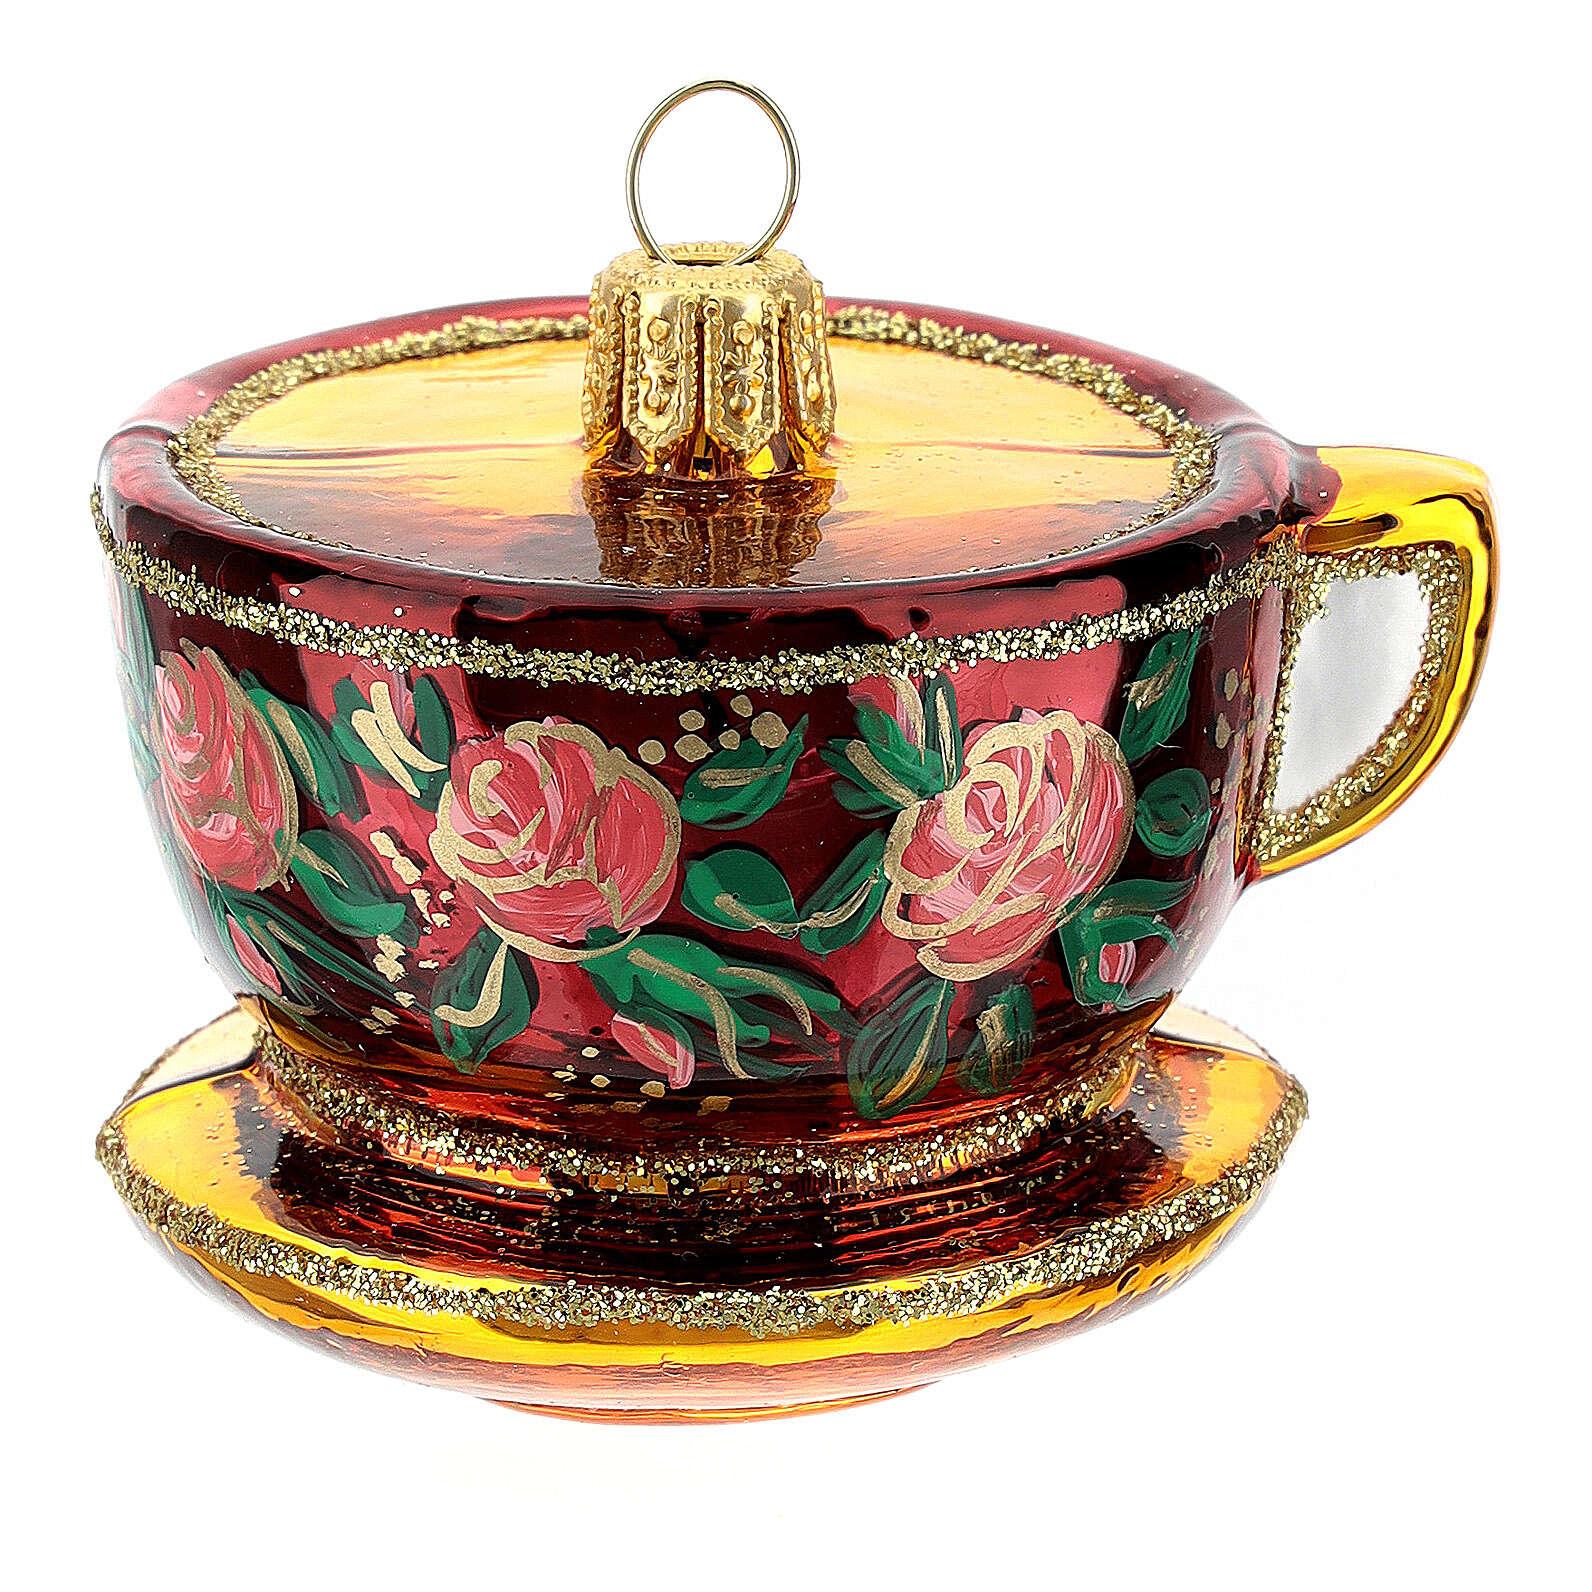 Dekorierte Teetasse mundgeblasenen Glas für Tannenbaum 4